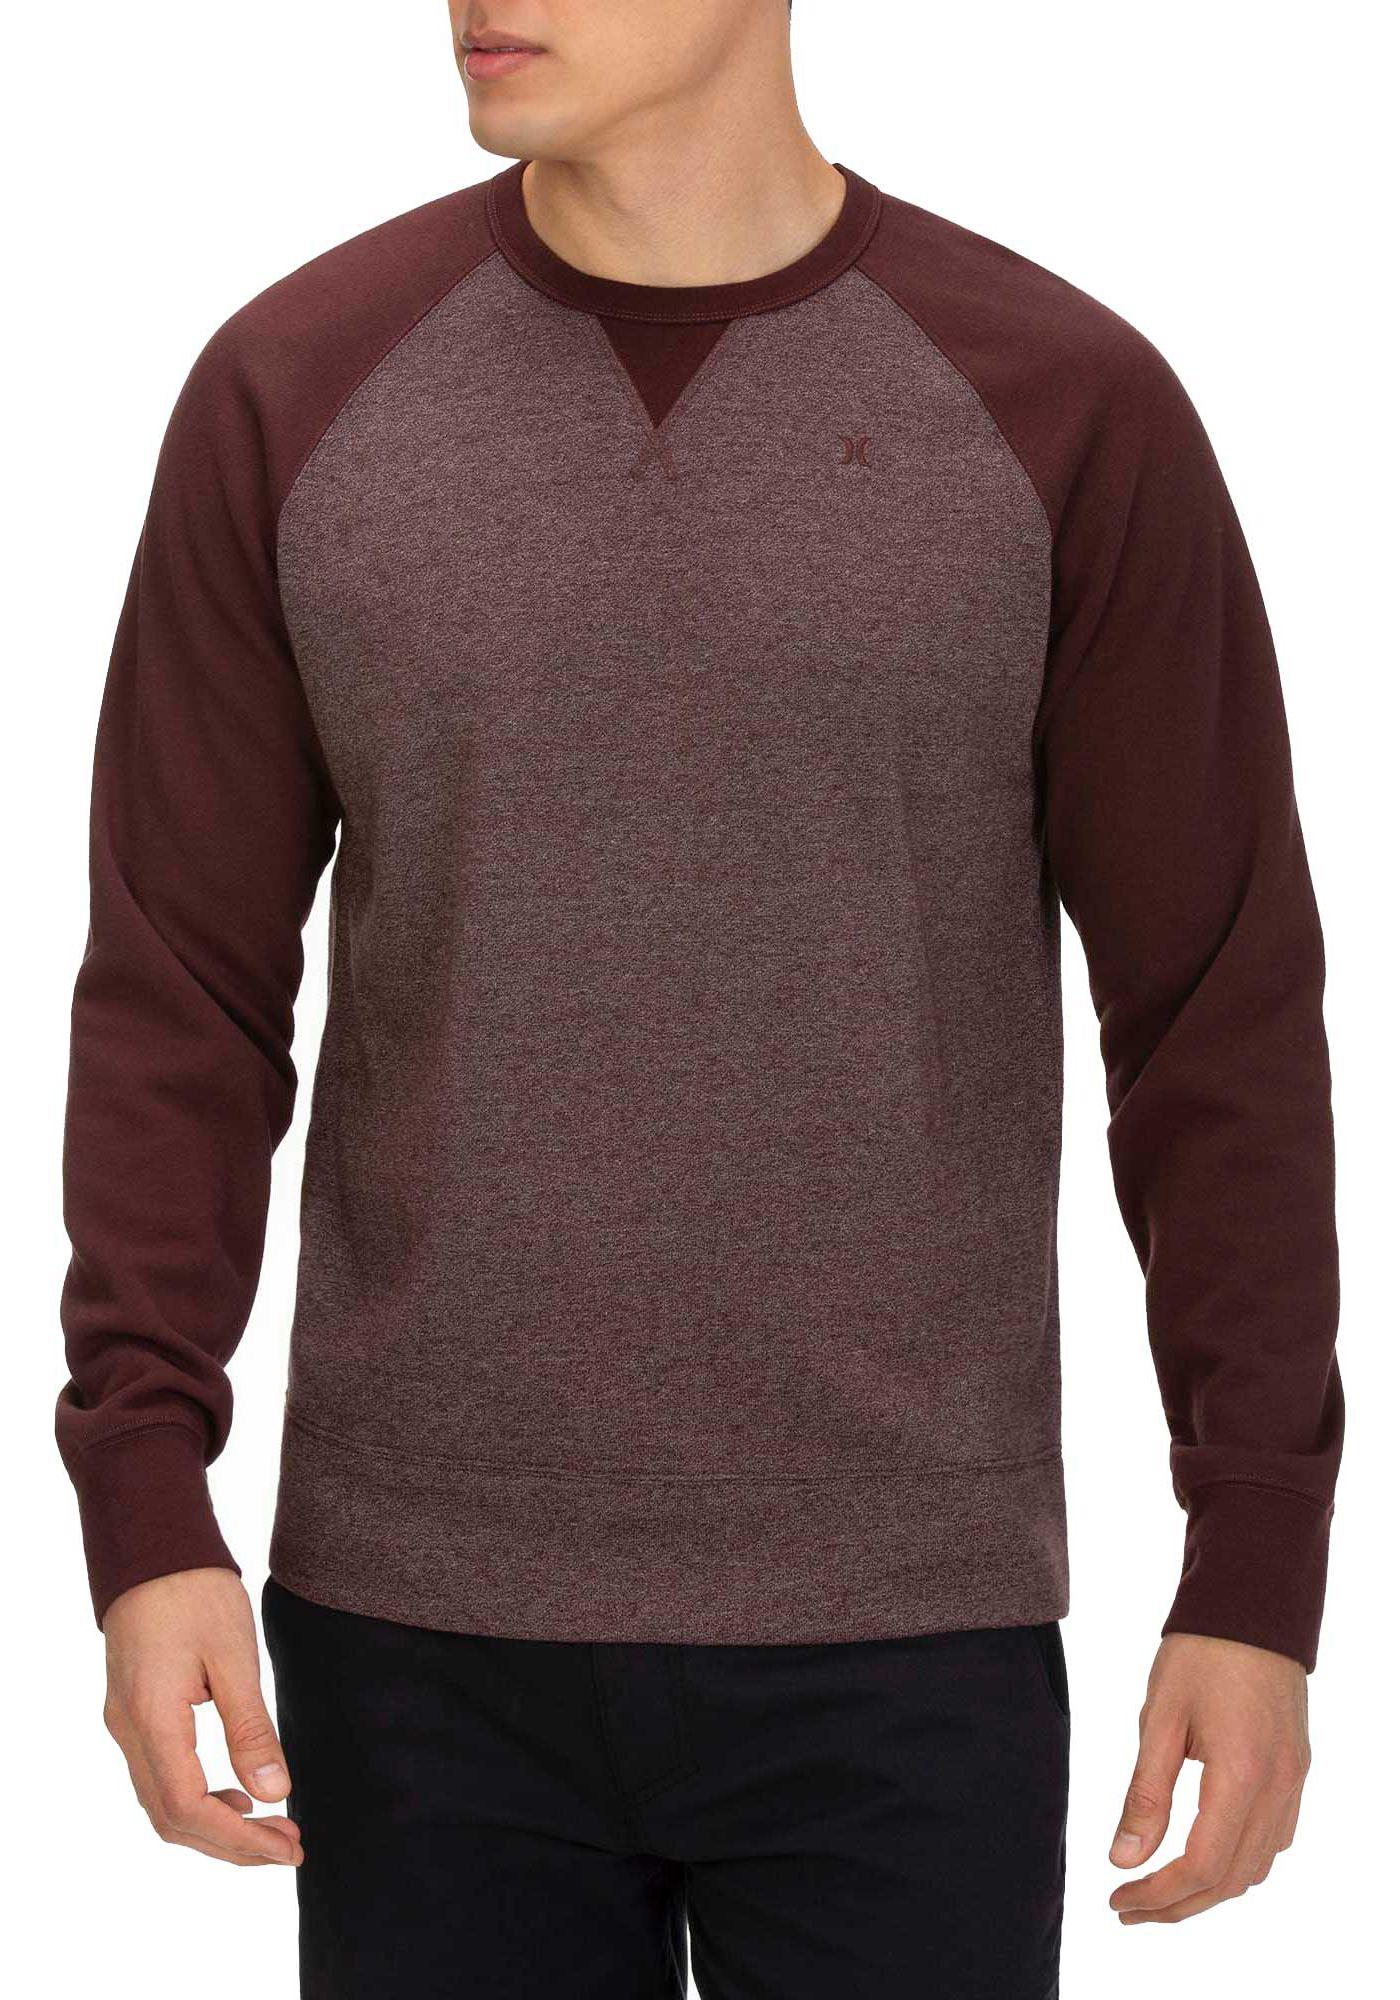 Hurley Men's Crone Textured Crew Sweatshirt